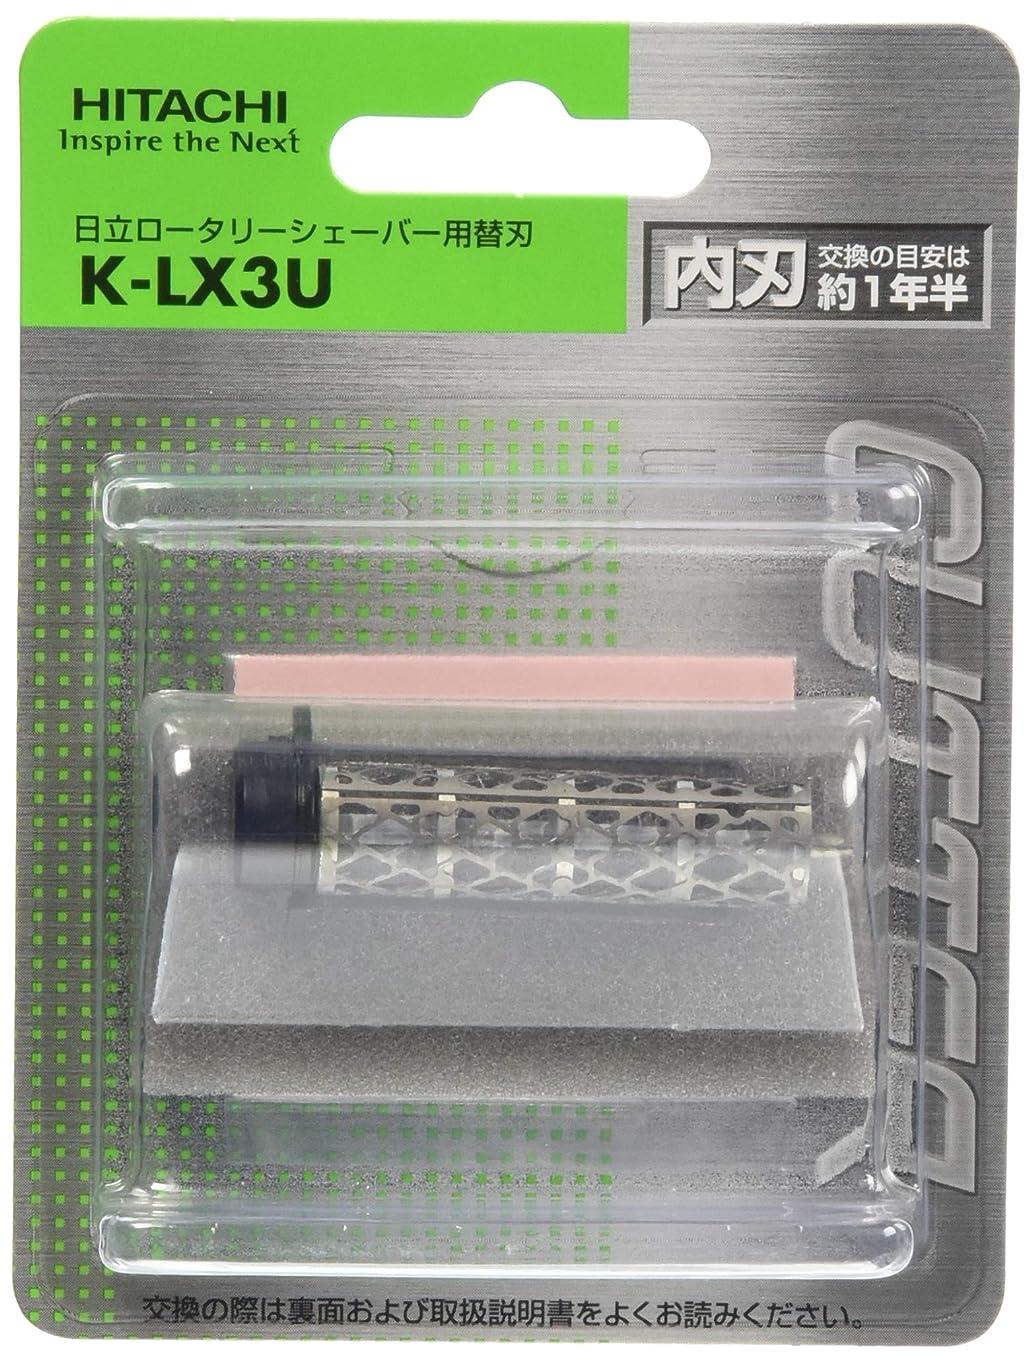 芝生言い聞かせる動詞日立 シェーバー用替刃(内刃) K-LX3U